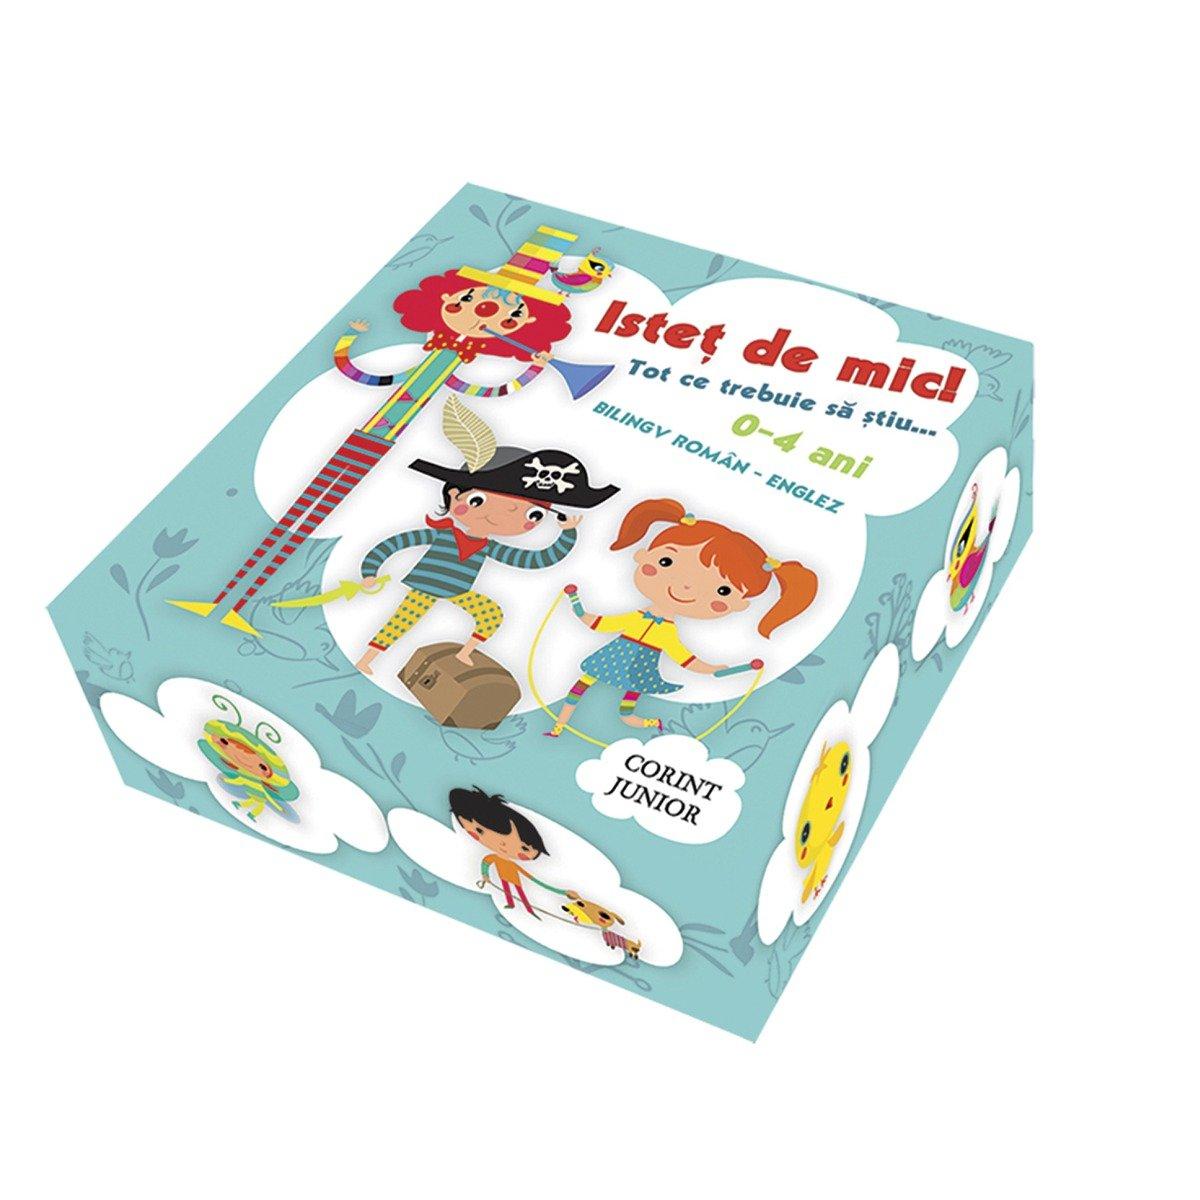 Carte Editura Corint, Cutie istet de mic! Tot ce trebuie sa stiu… bilingv roman-englez, 5 carti